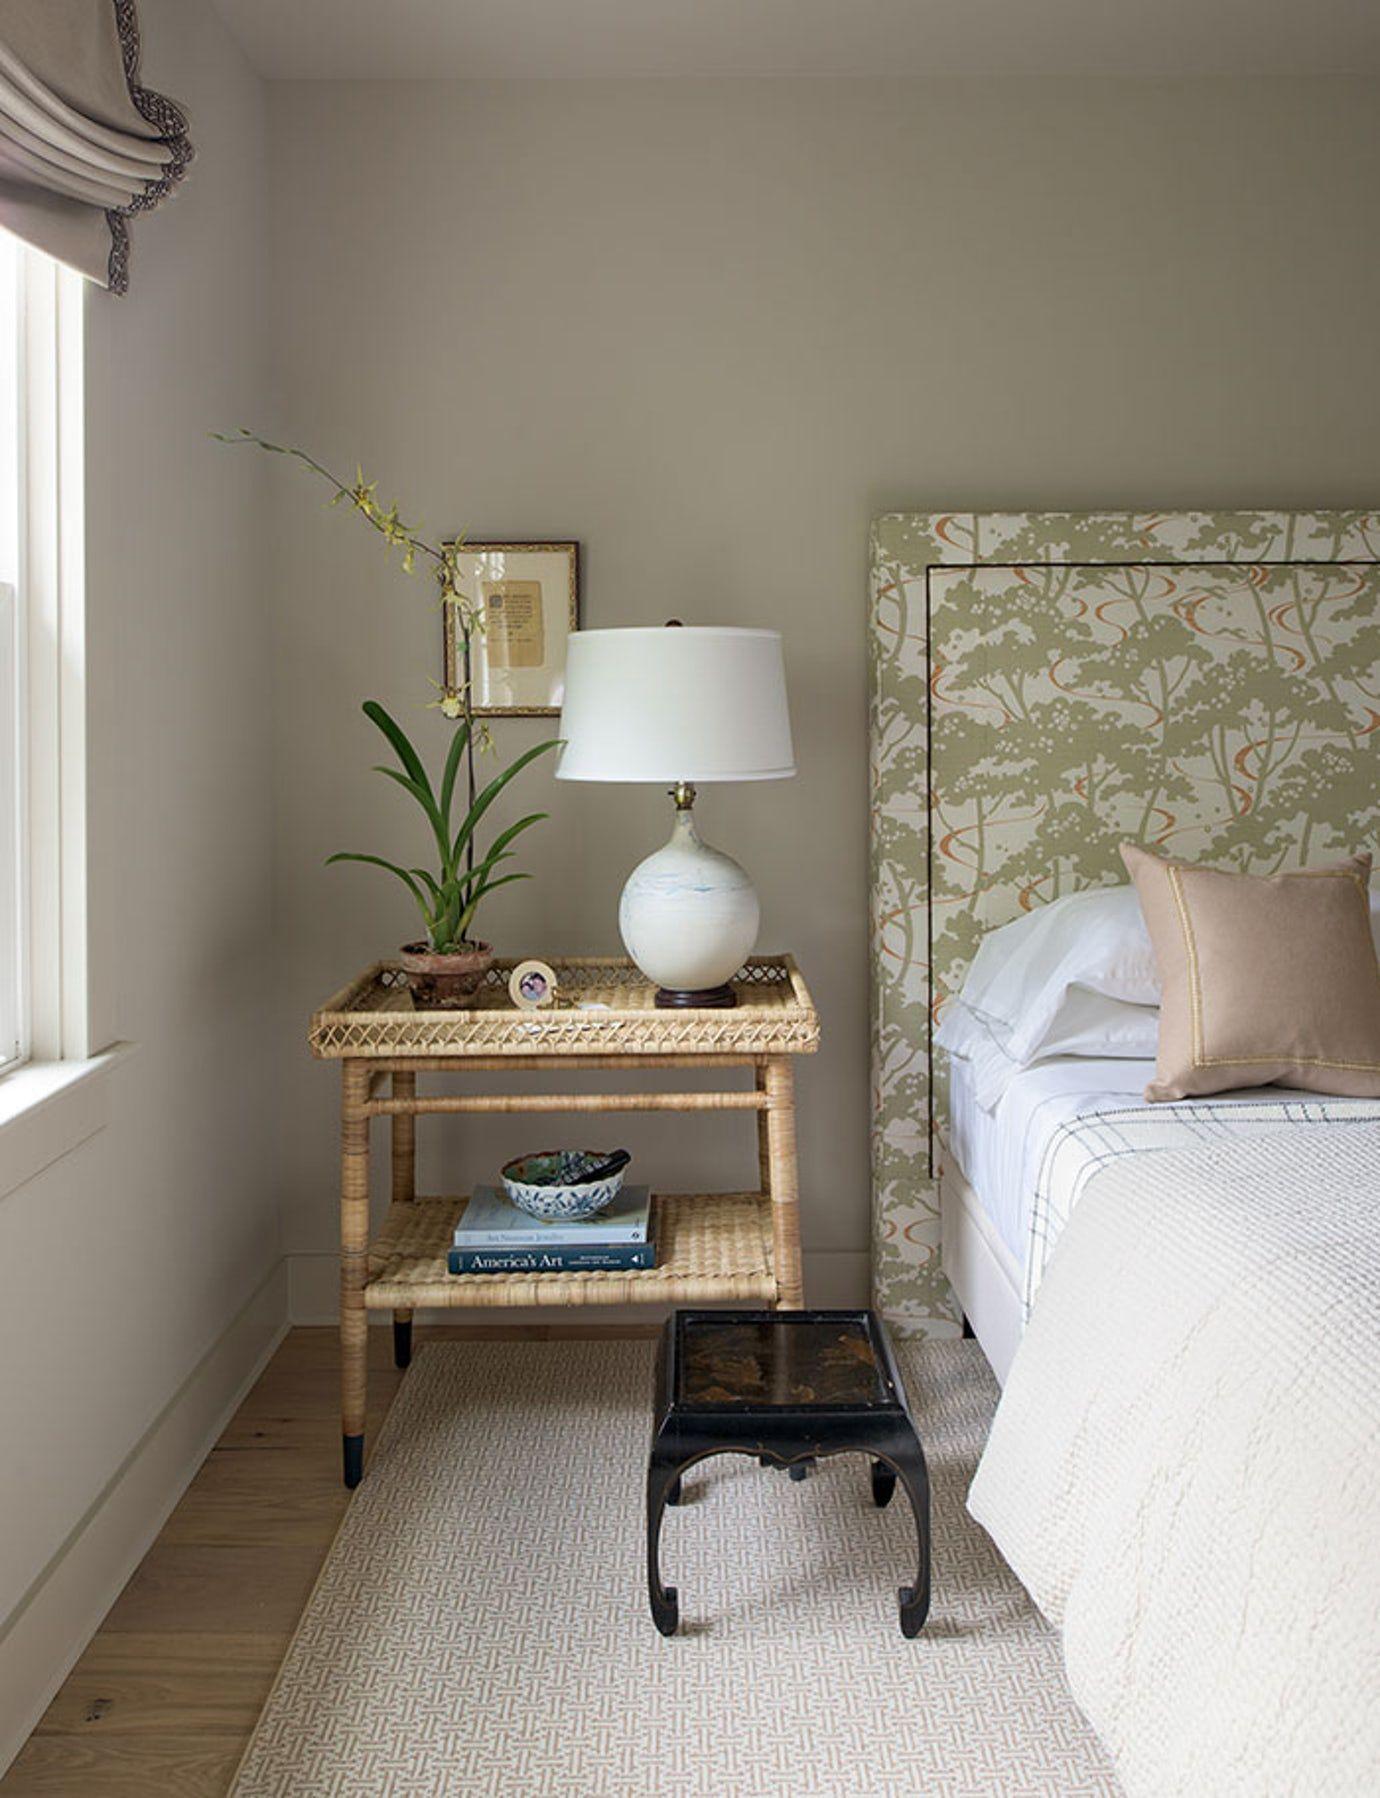 Bedroom Huntley Co Interior Designalexandria Virginia Bedroom Eclectic By Huntley Co Int Bedroom Nightstand Decor Bedroom Night Stands Side Table Decor